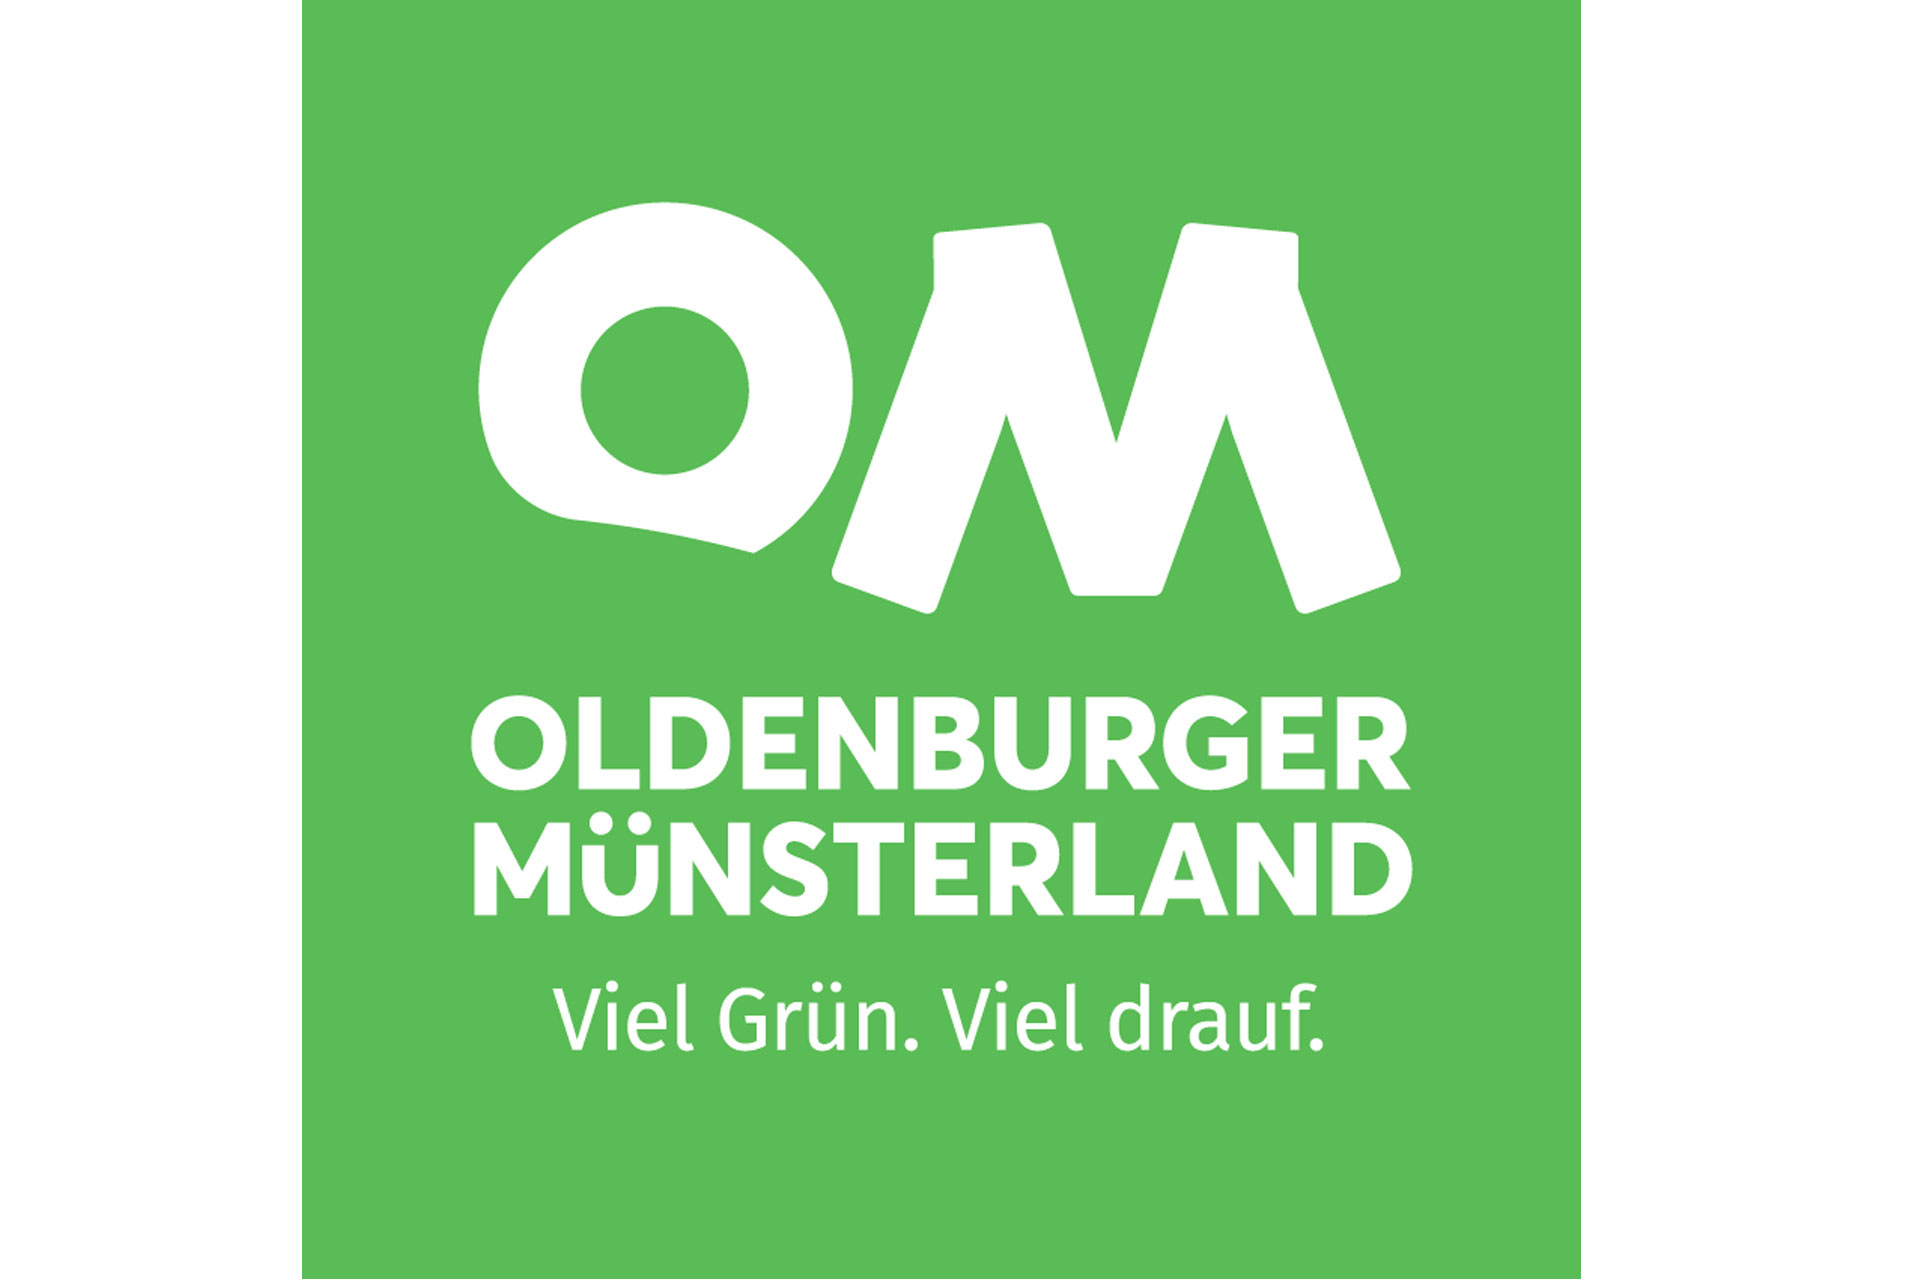 zum Bild: Logo Verbund Oldenburger Münsterland.